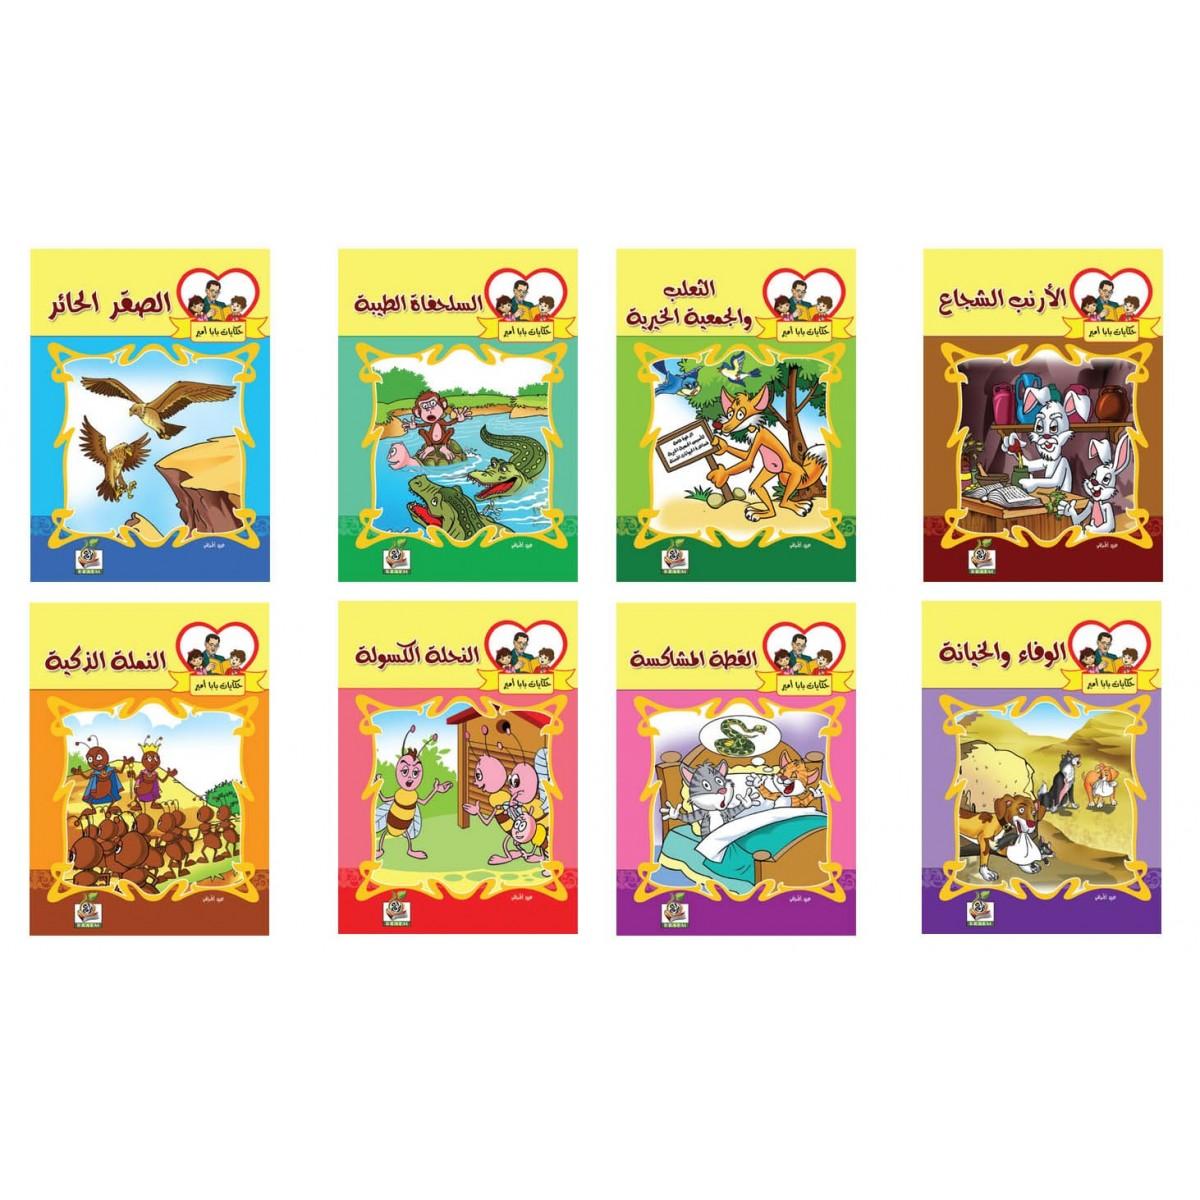 حكايات بابا امير عدد 8 كتب